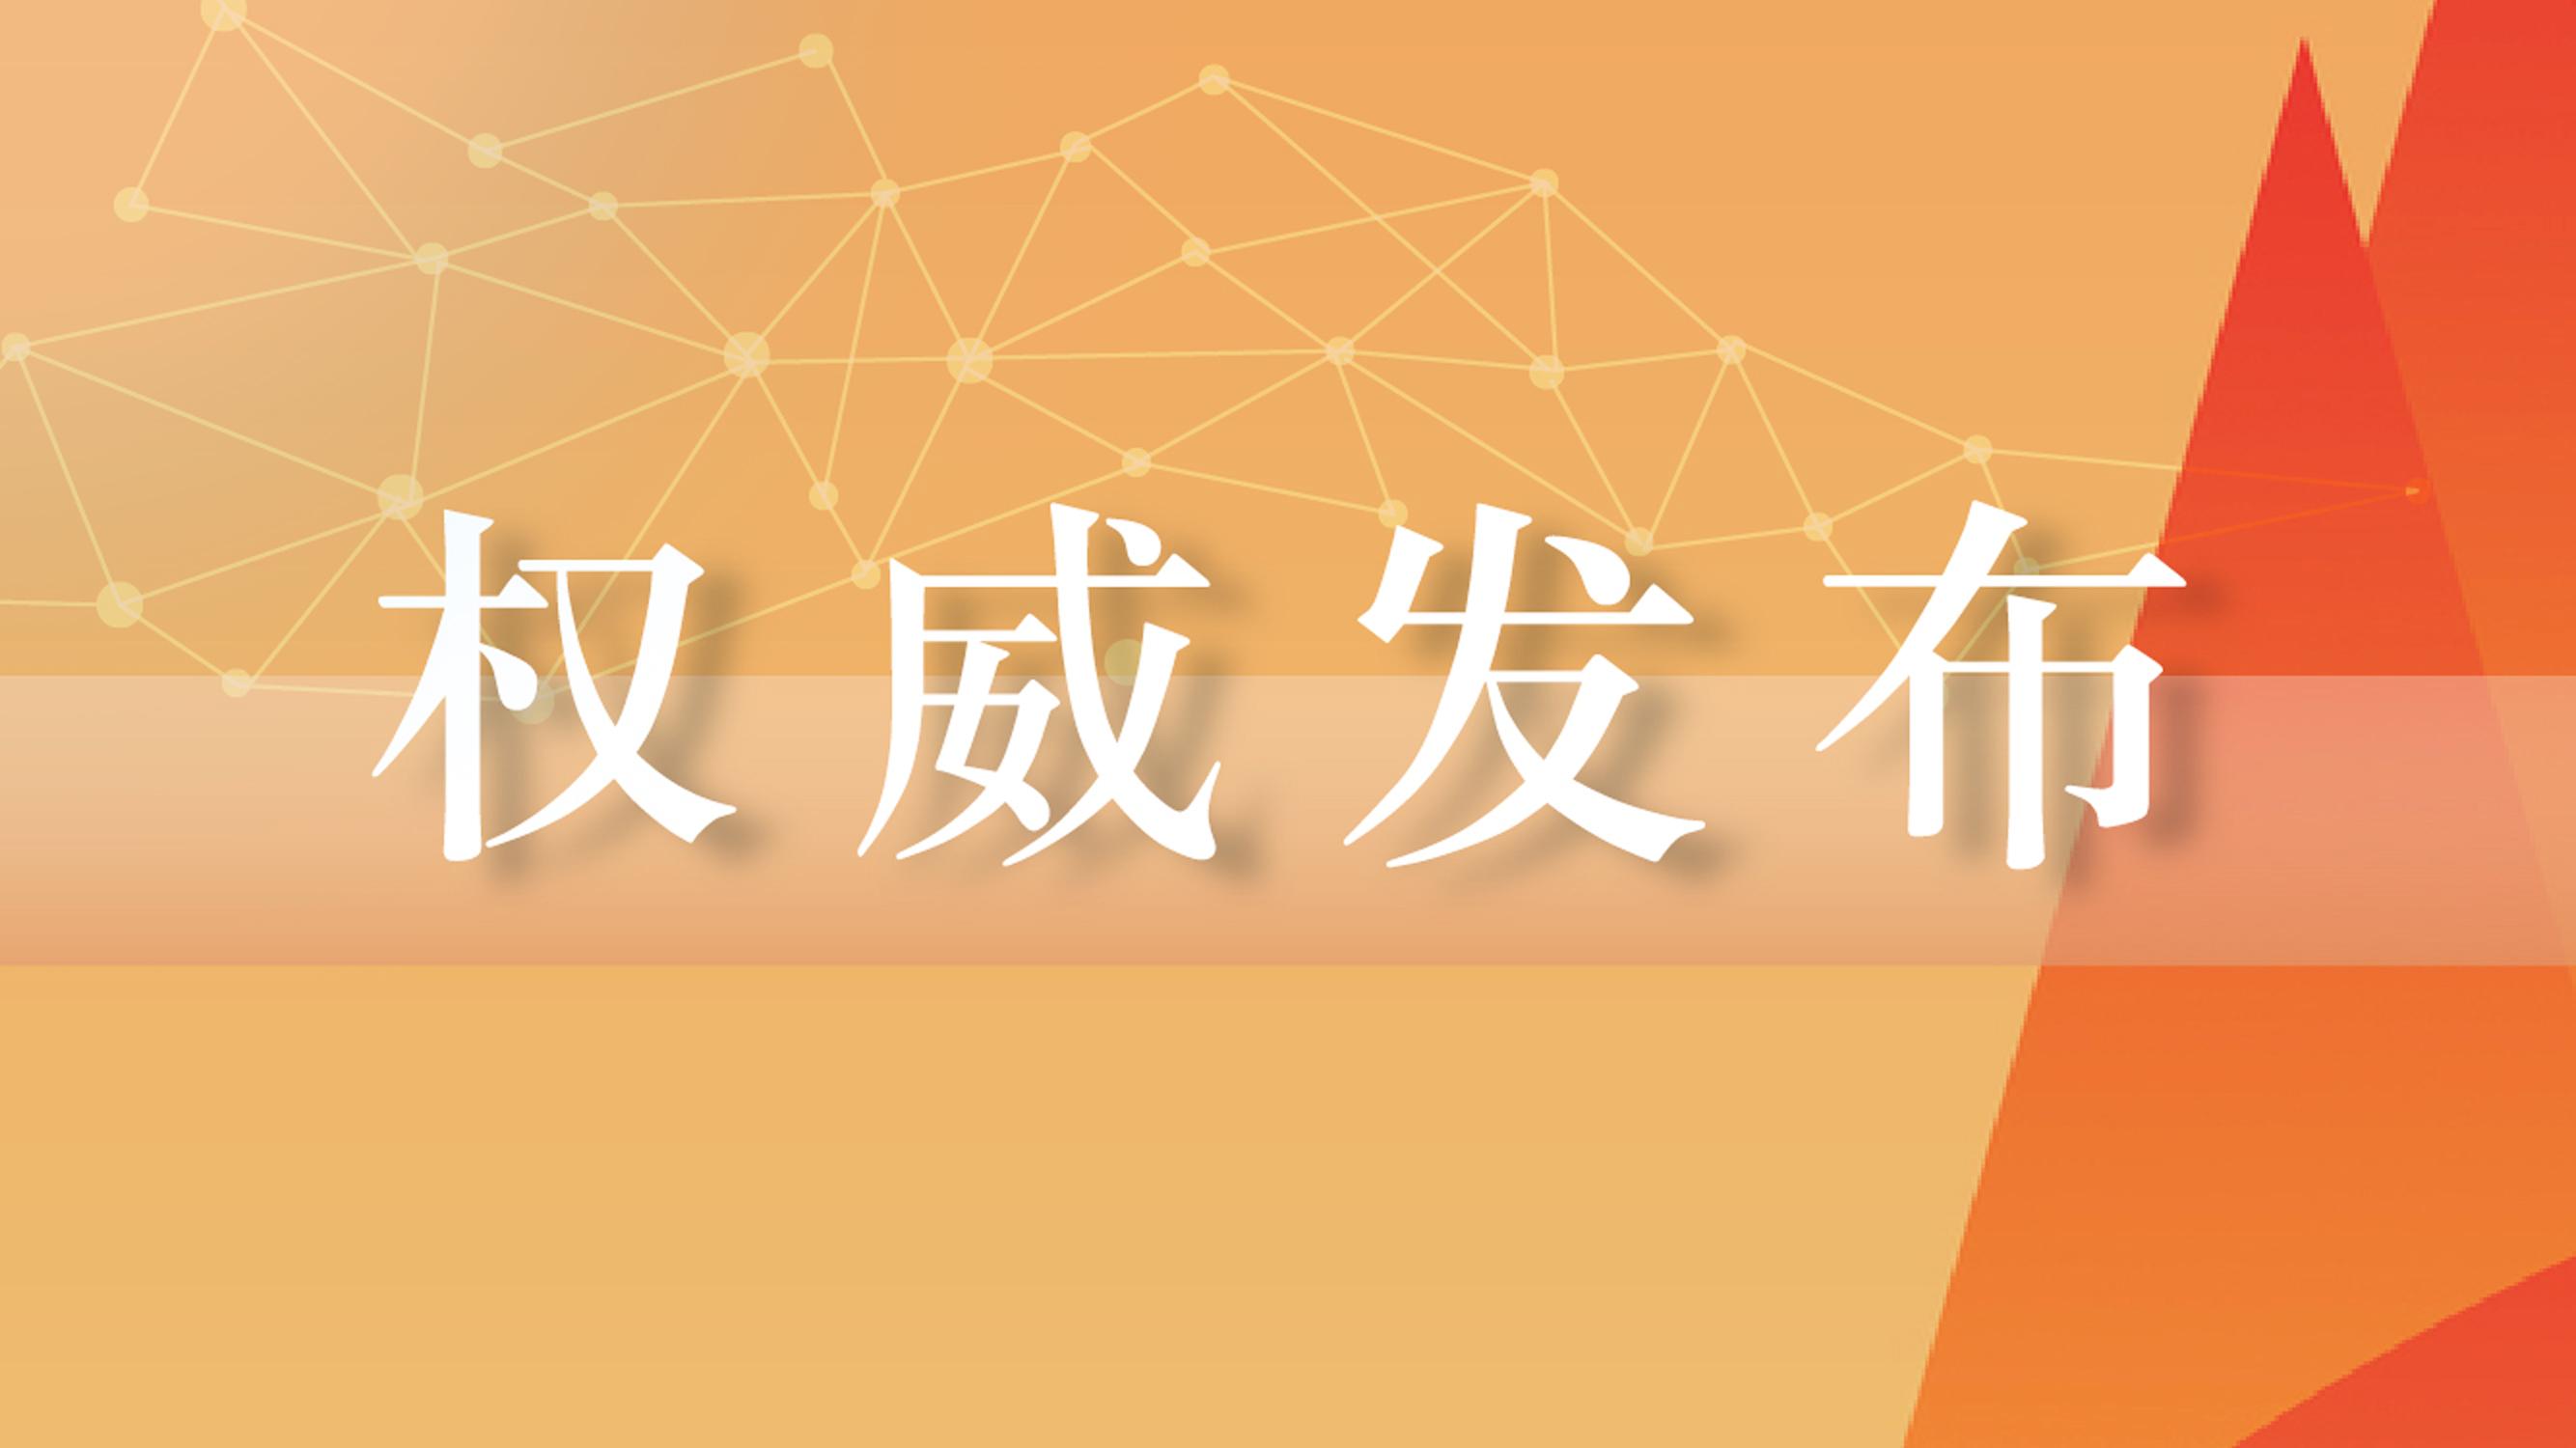 四川省高级人民法院立案一庭审判员、三级高级法官王晓东 接受监察调查